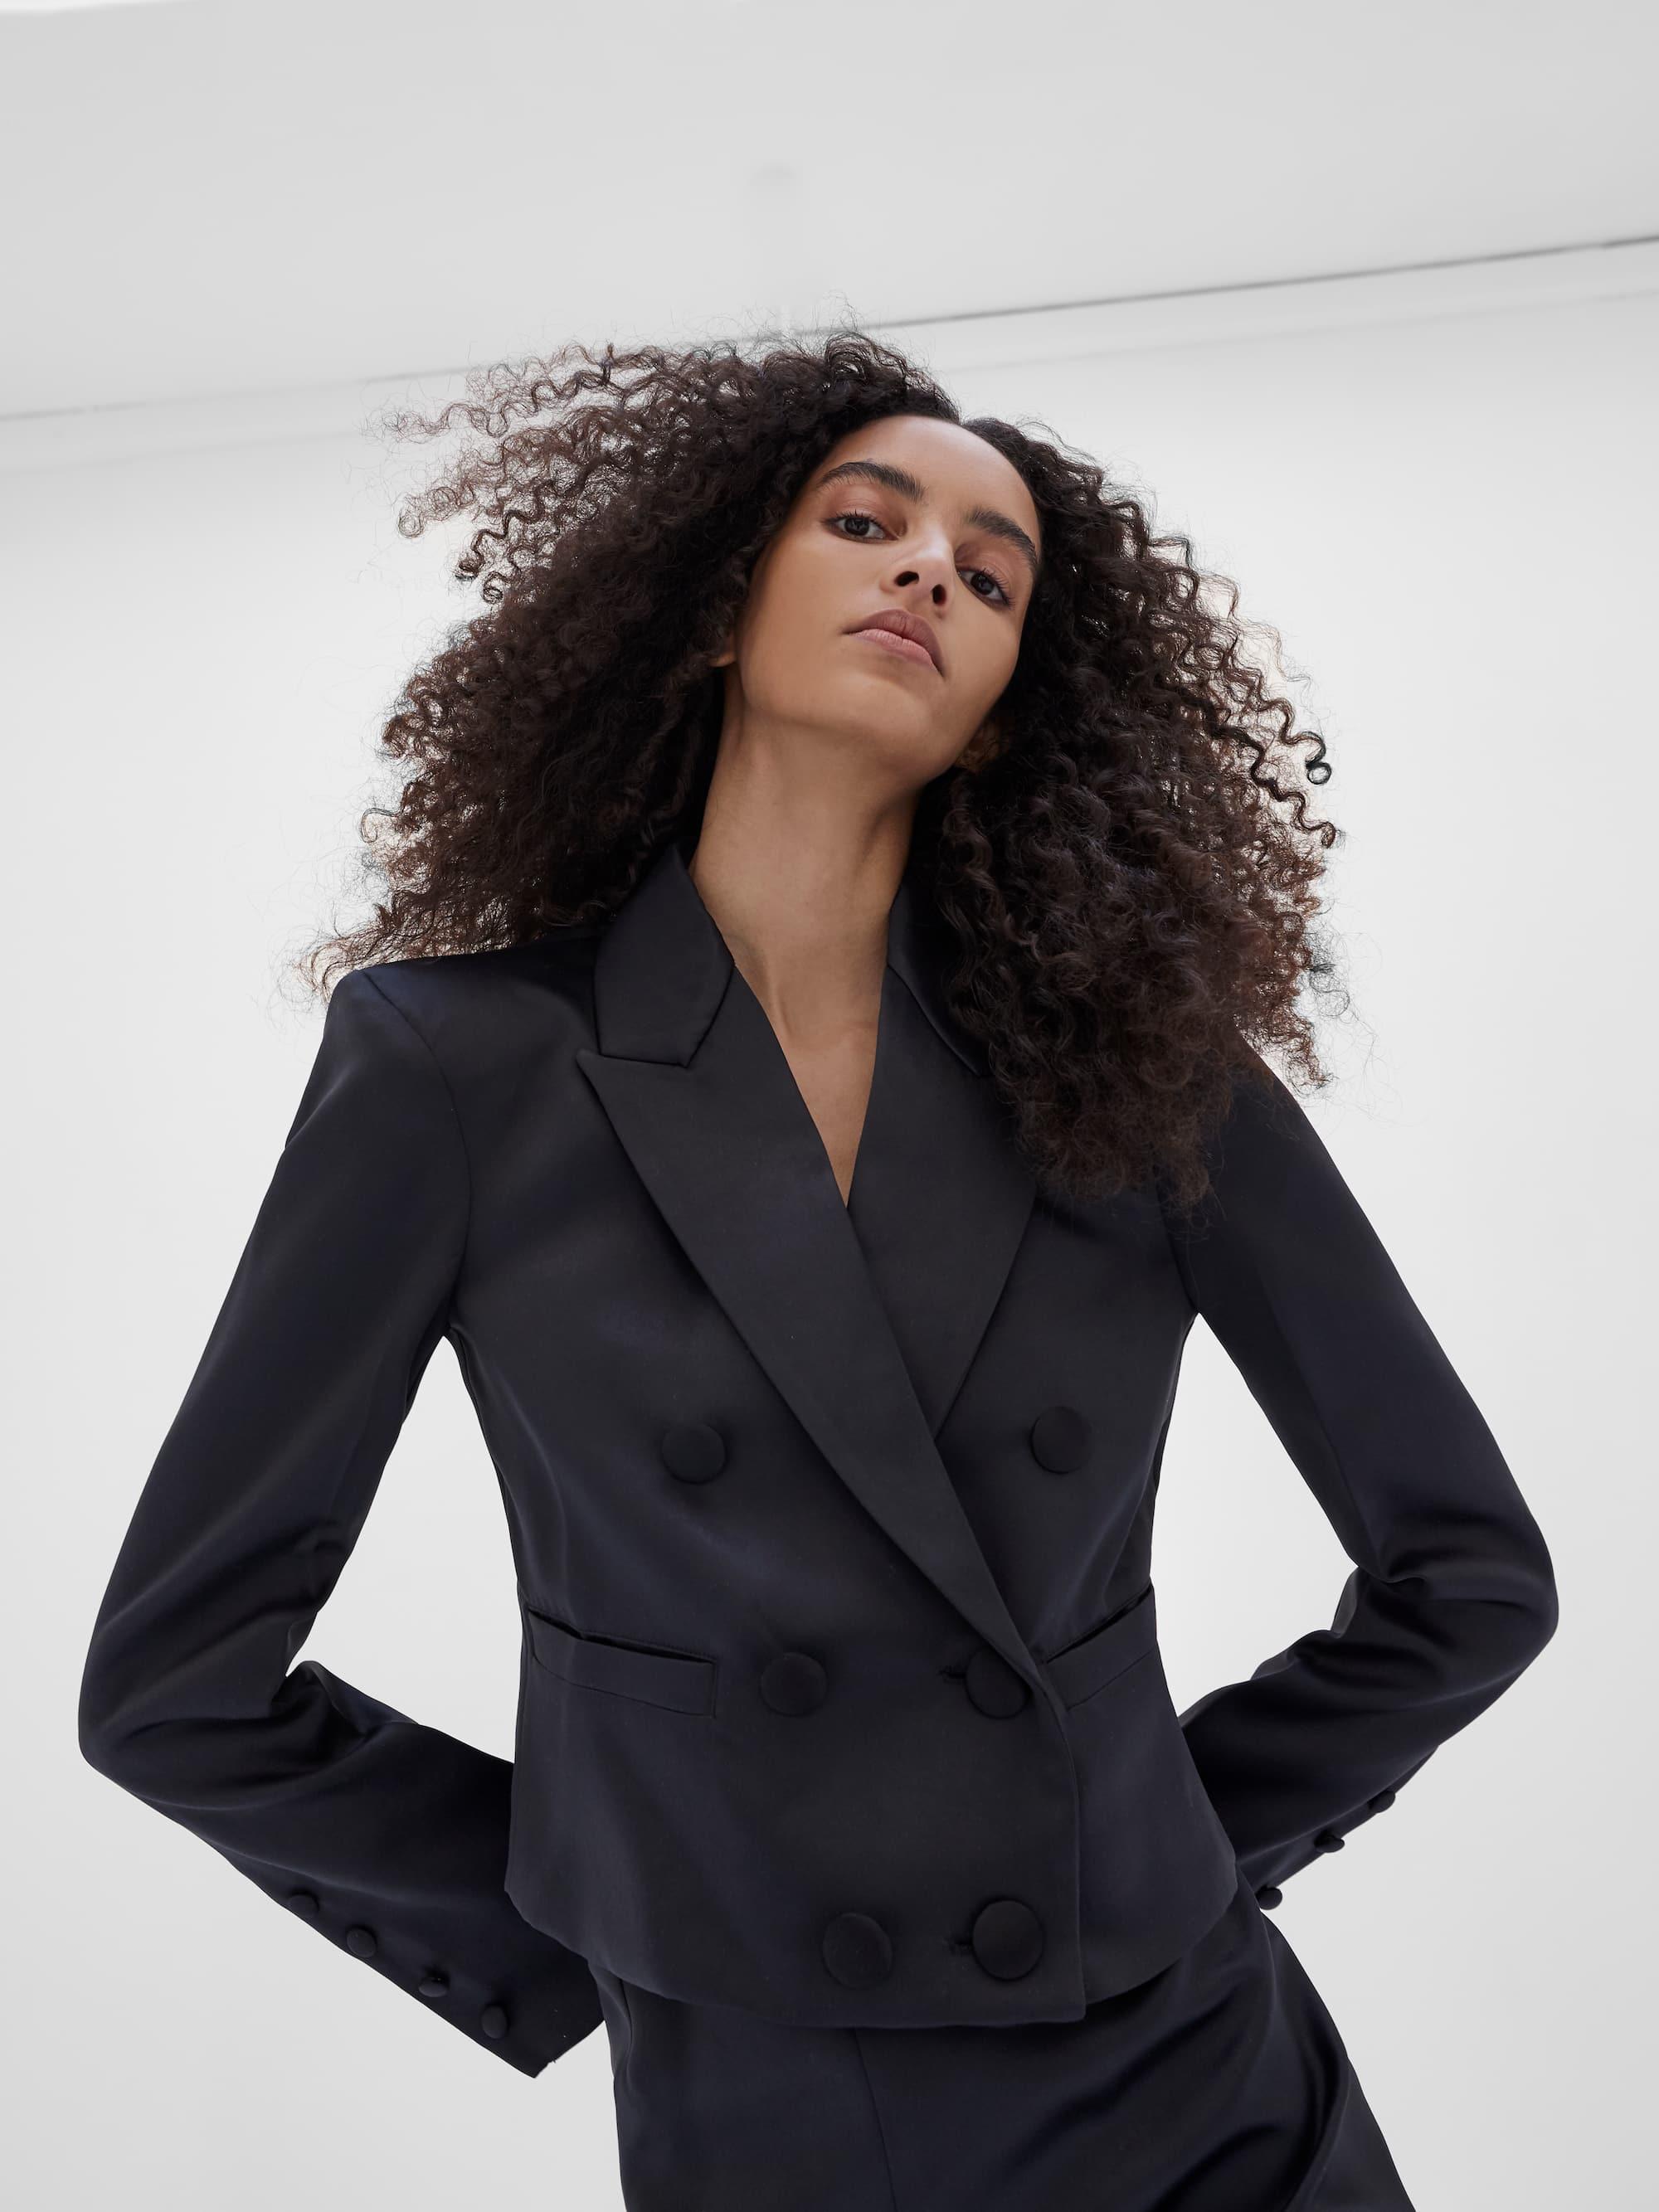 View 3 of model wearing Kin Cropped Blazer in black.